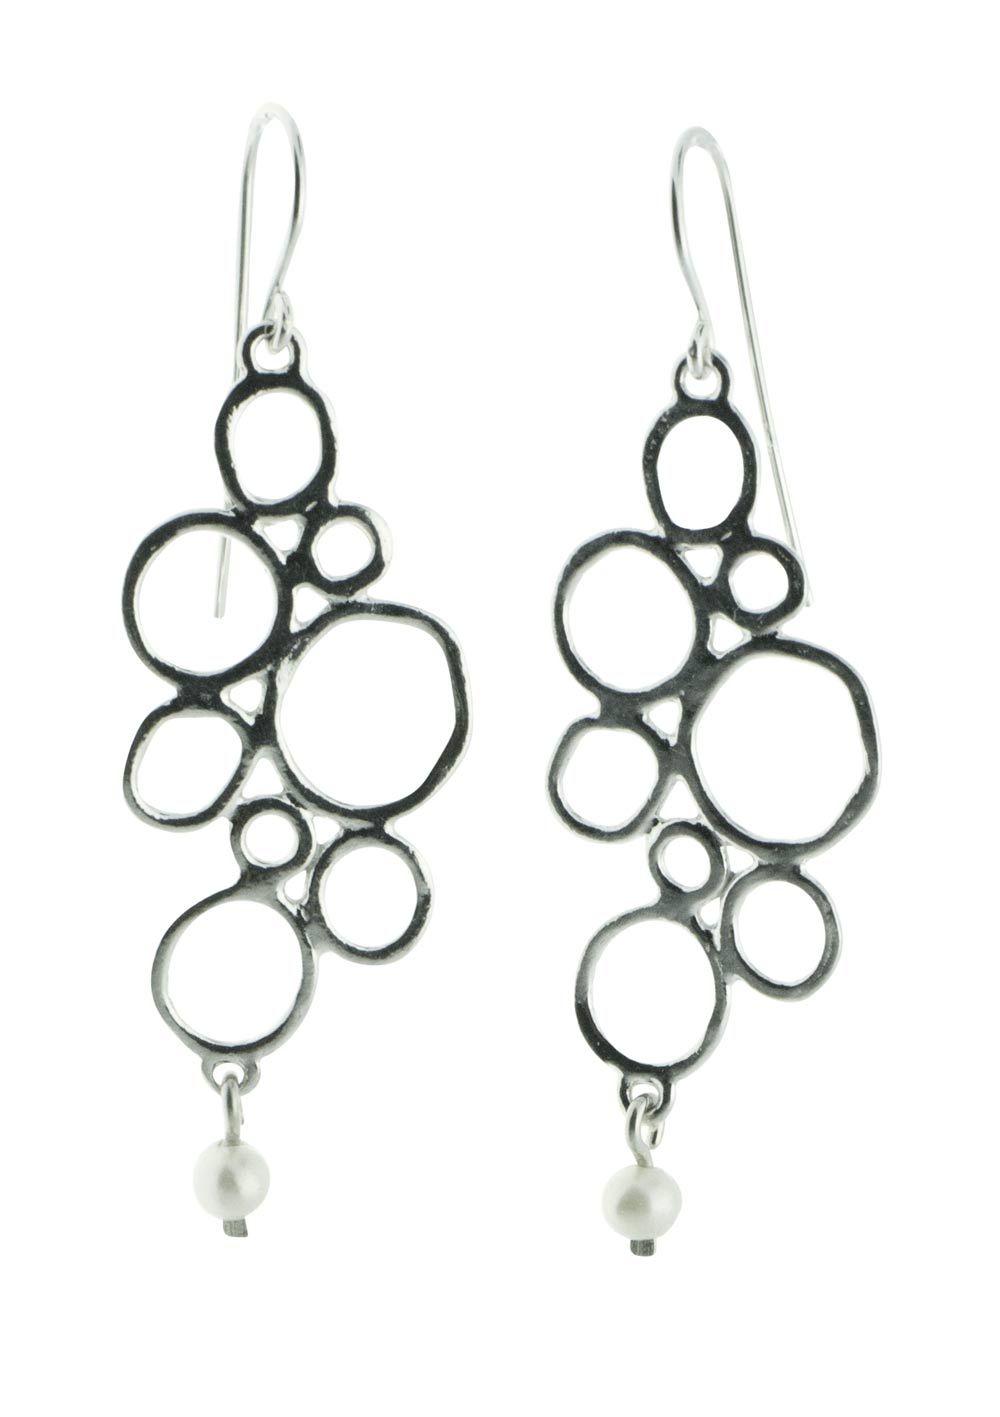 Pebble Pearl Sterling Silver Earrings